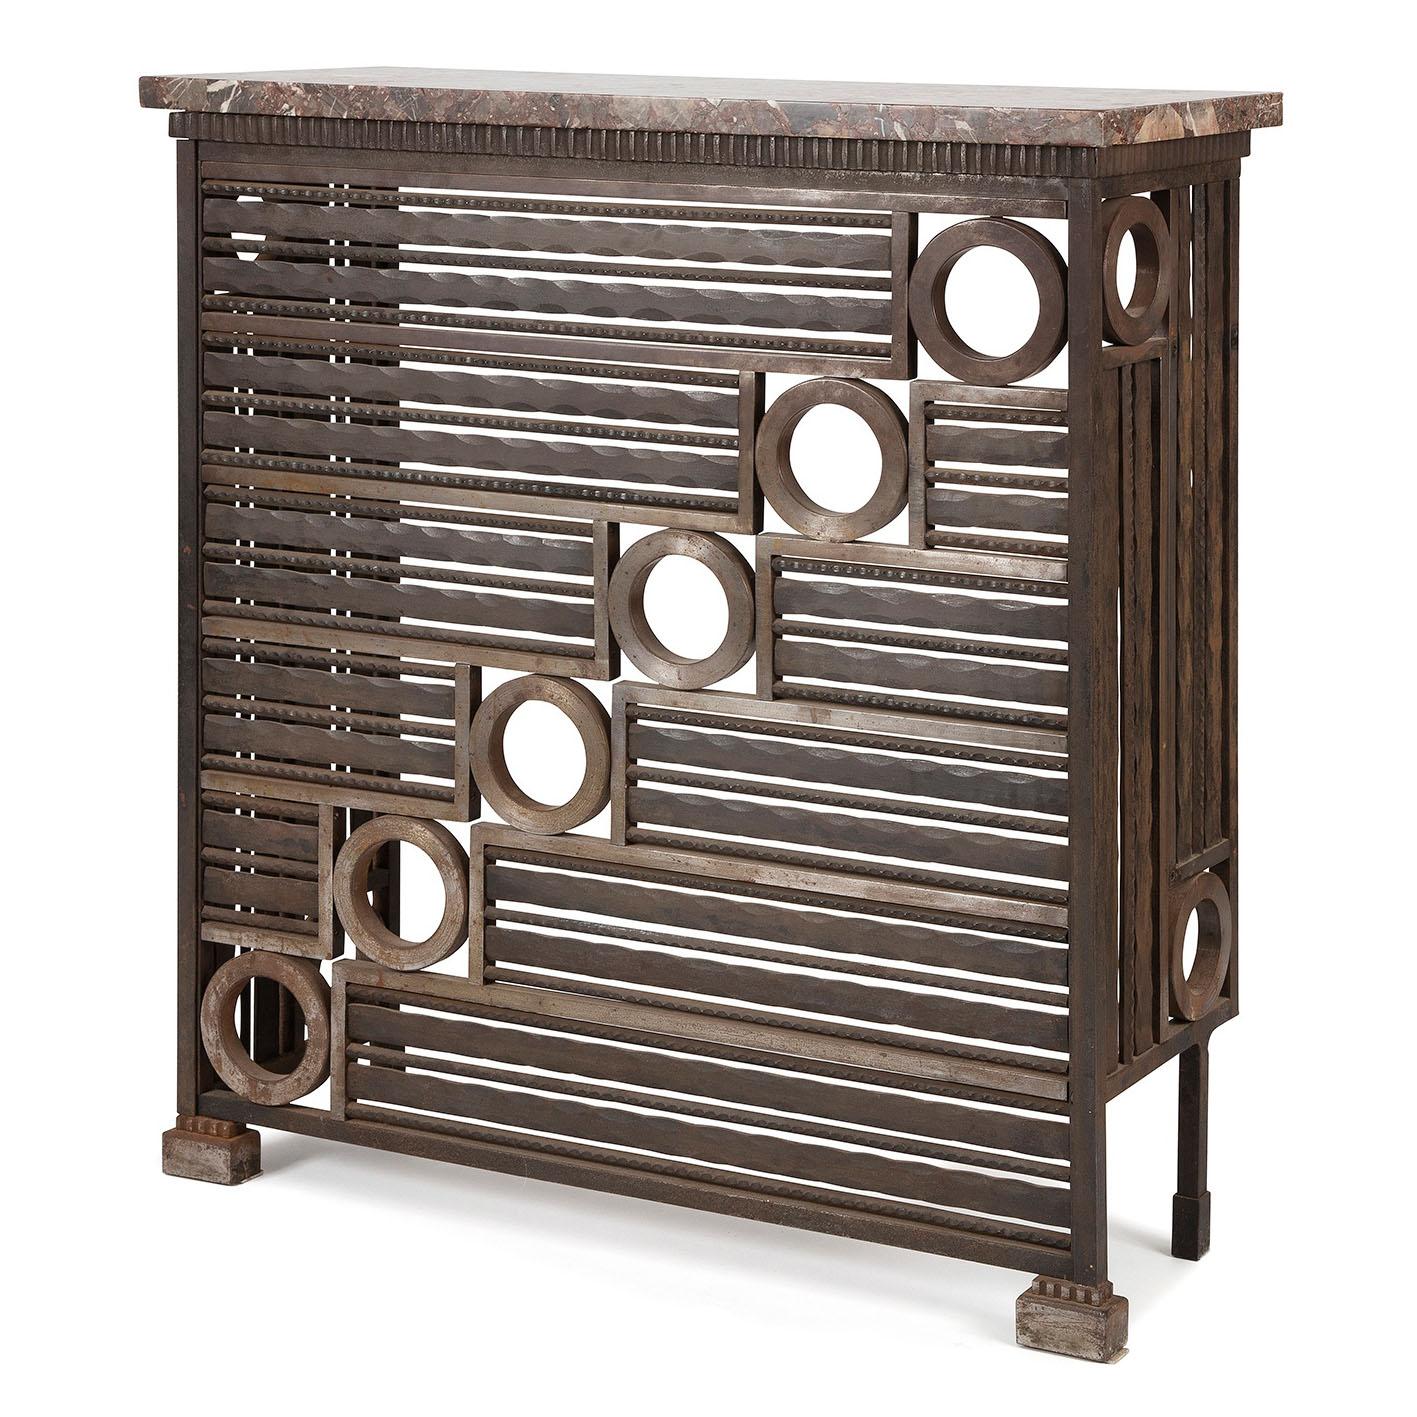 travail fran ais vers 1930exceptionnel cache radiateur en fer forg patin et en acier poli le d. Black Bedroom Furniture Sets. Home Design Ideas